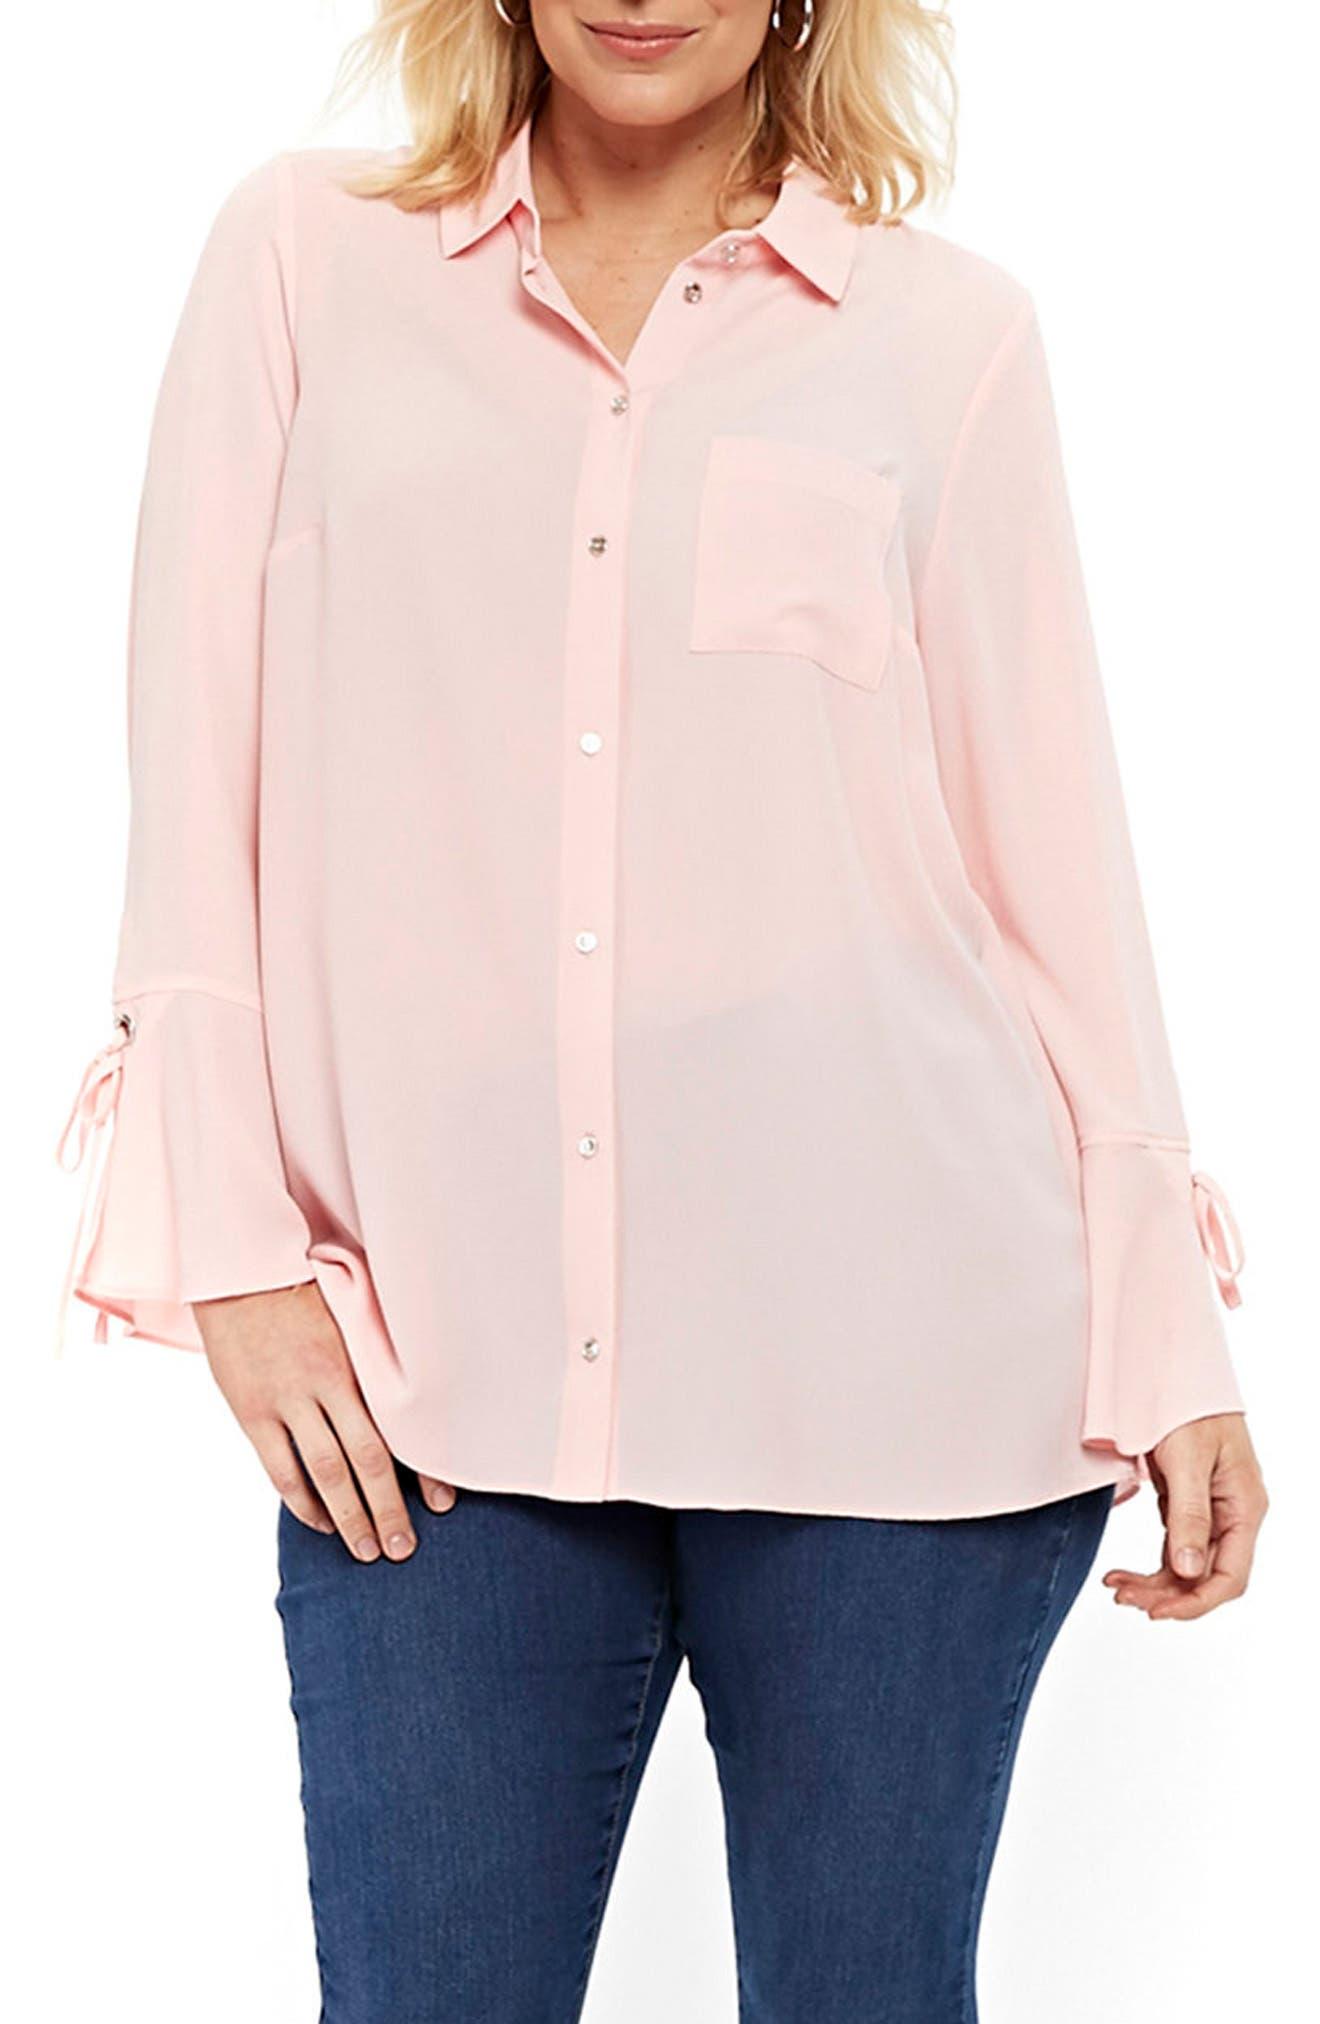 Lace-Up Cuff Shirt,                             Main thumbnail 1, color,                             650